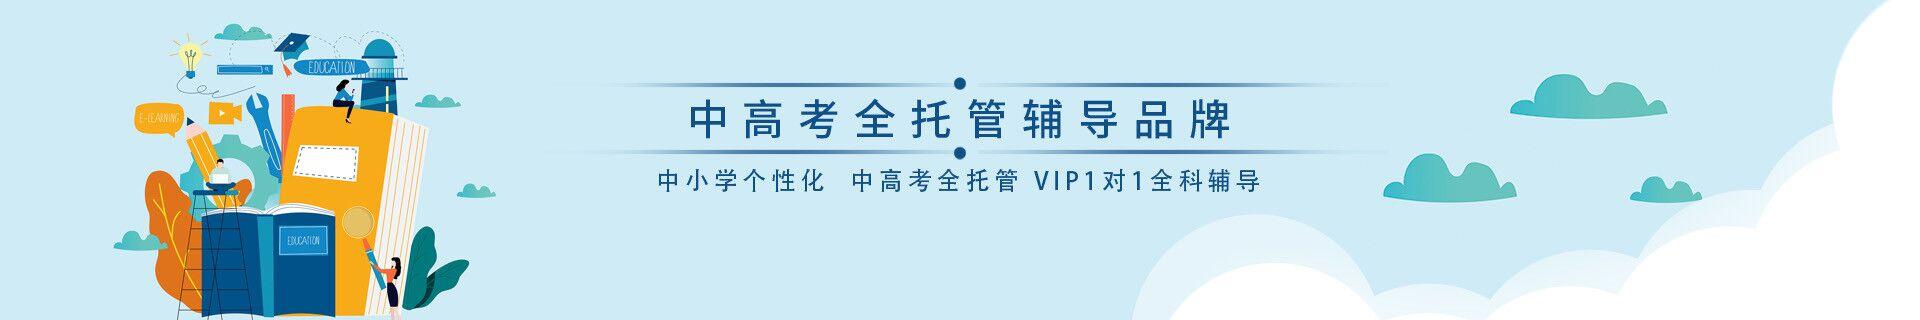 广州番禺区金博教育机构